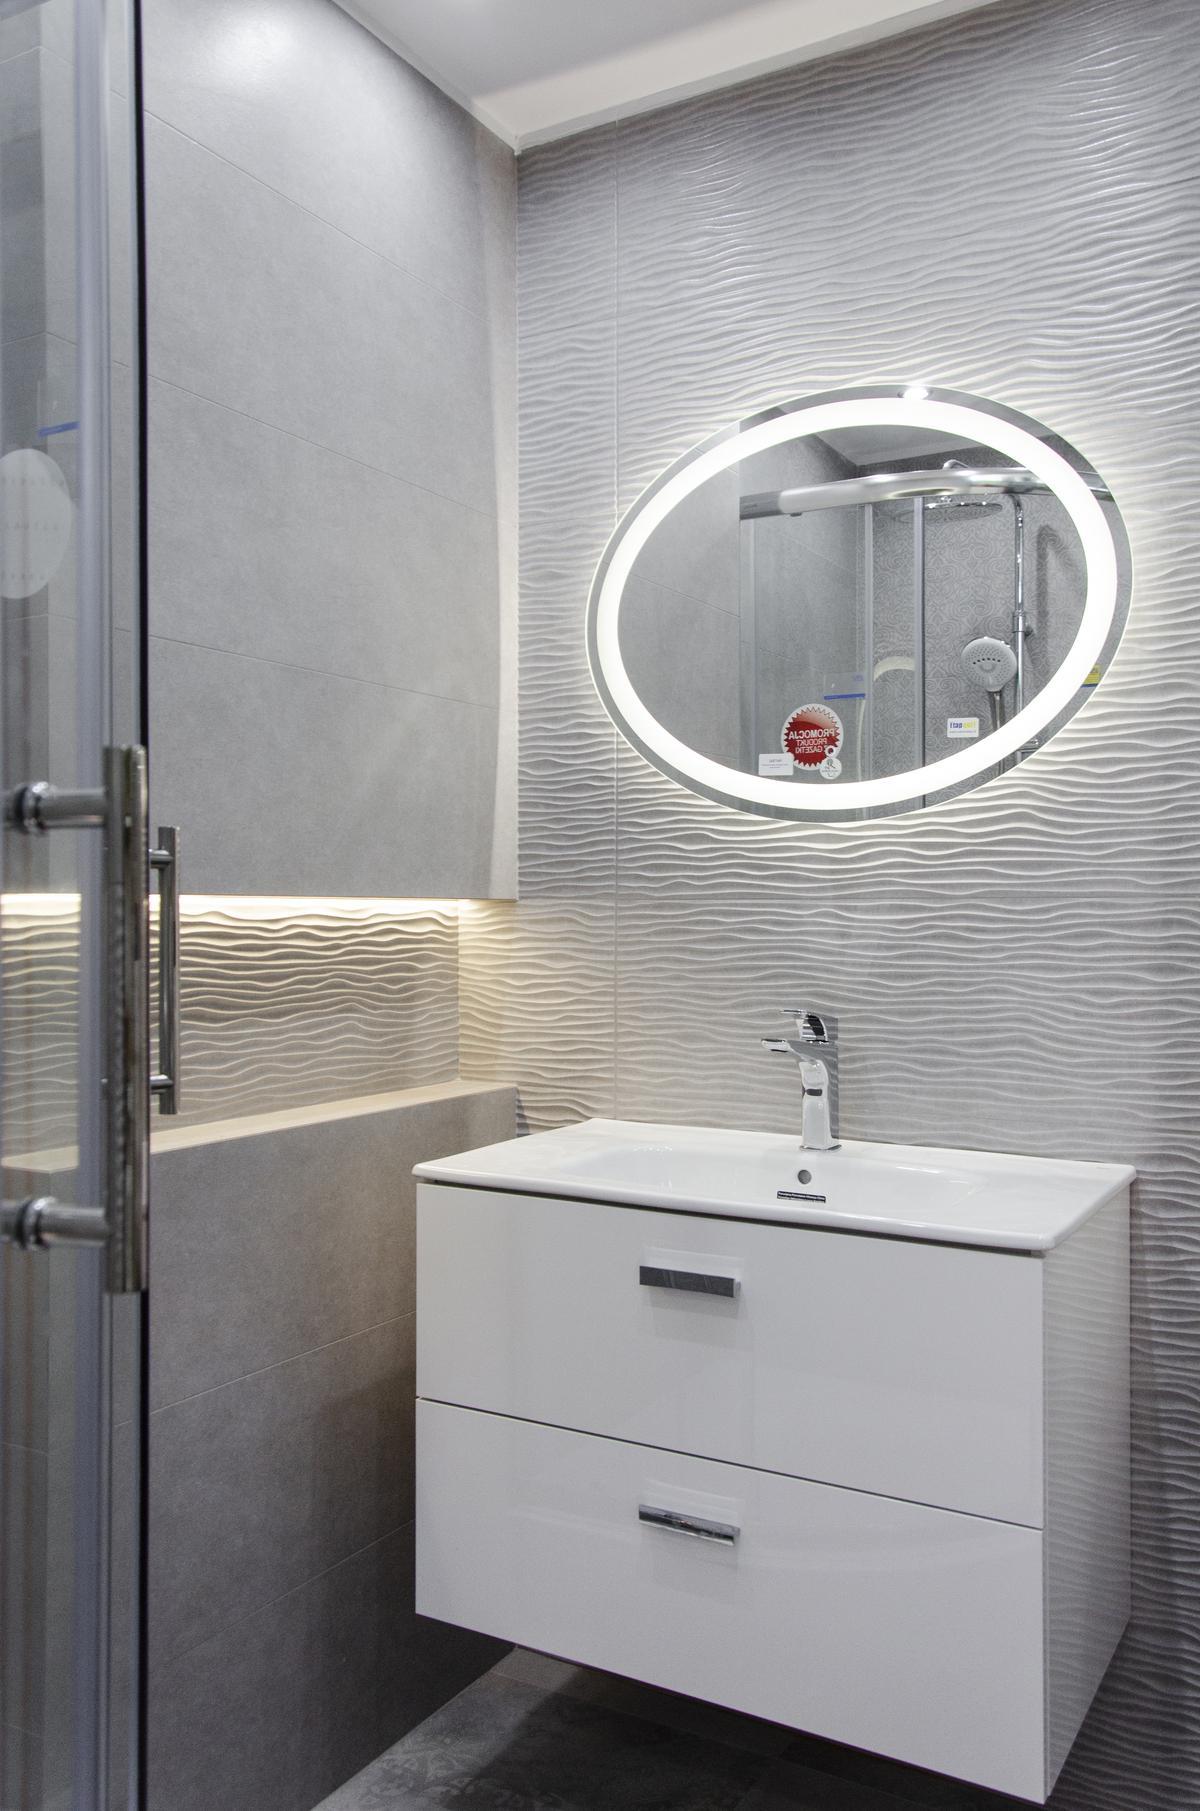 Aranżacja szarej łazienki wykończonej płytką strukturalną - zdjęcie od BLU salon łazienek Skierniewice